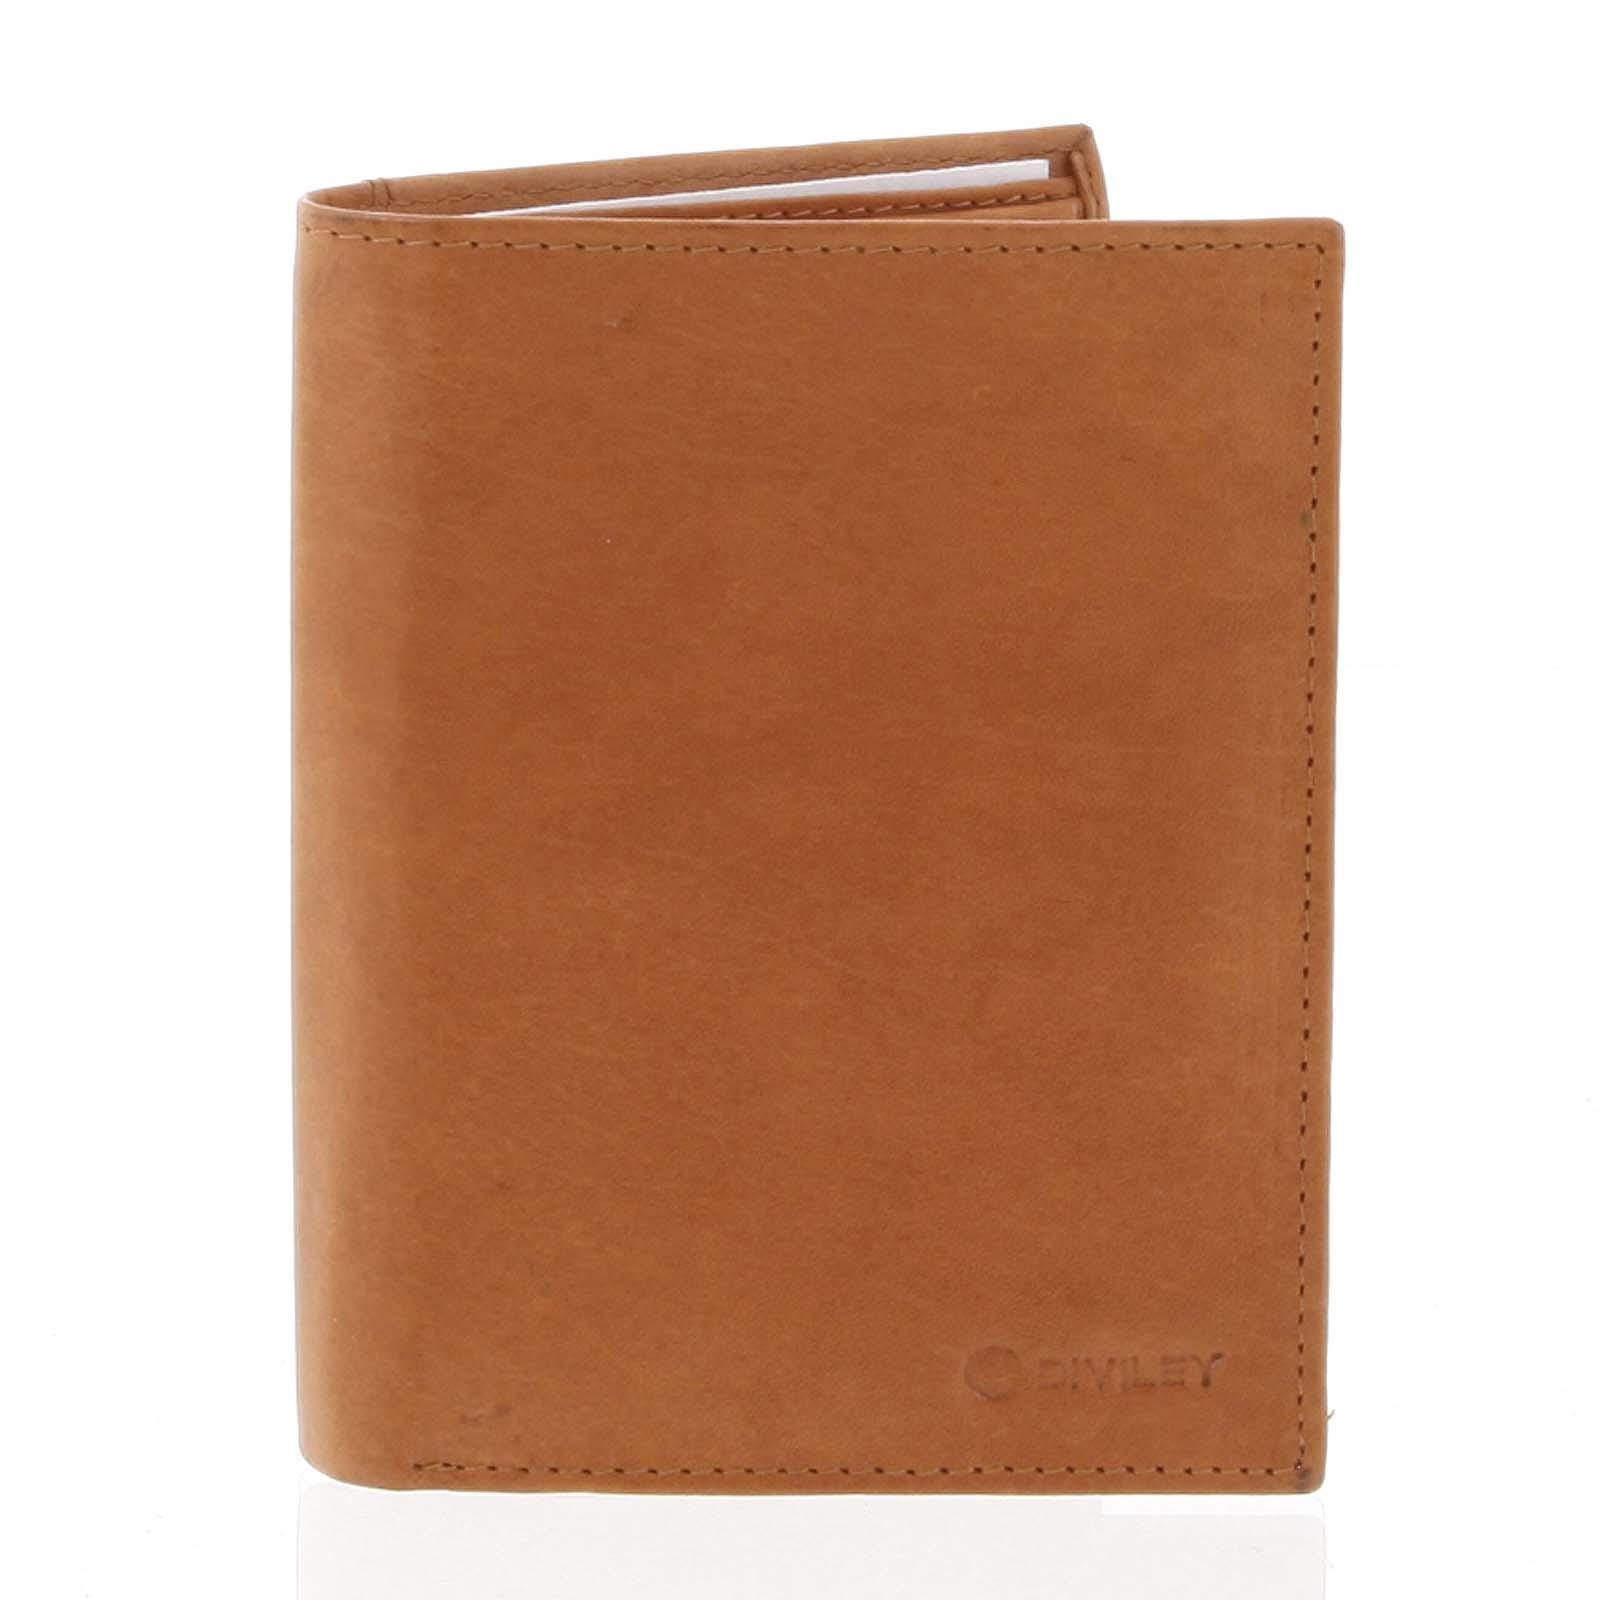 Pánská pevná kožená peněženka koňaková - Diviley Kainat koňak